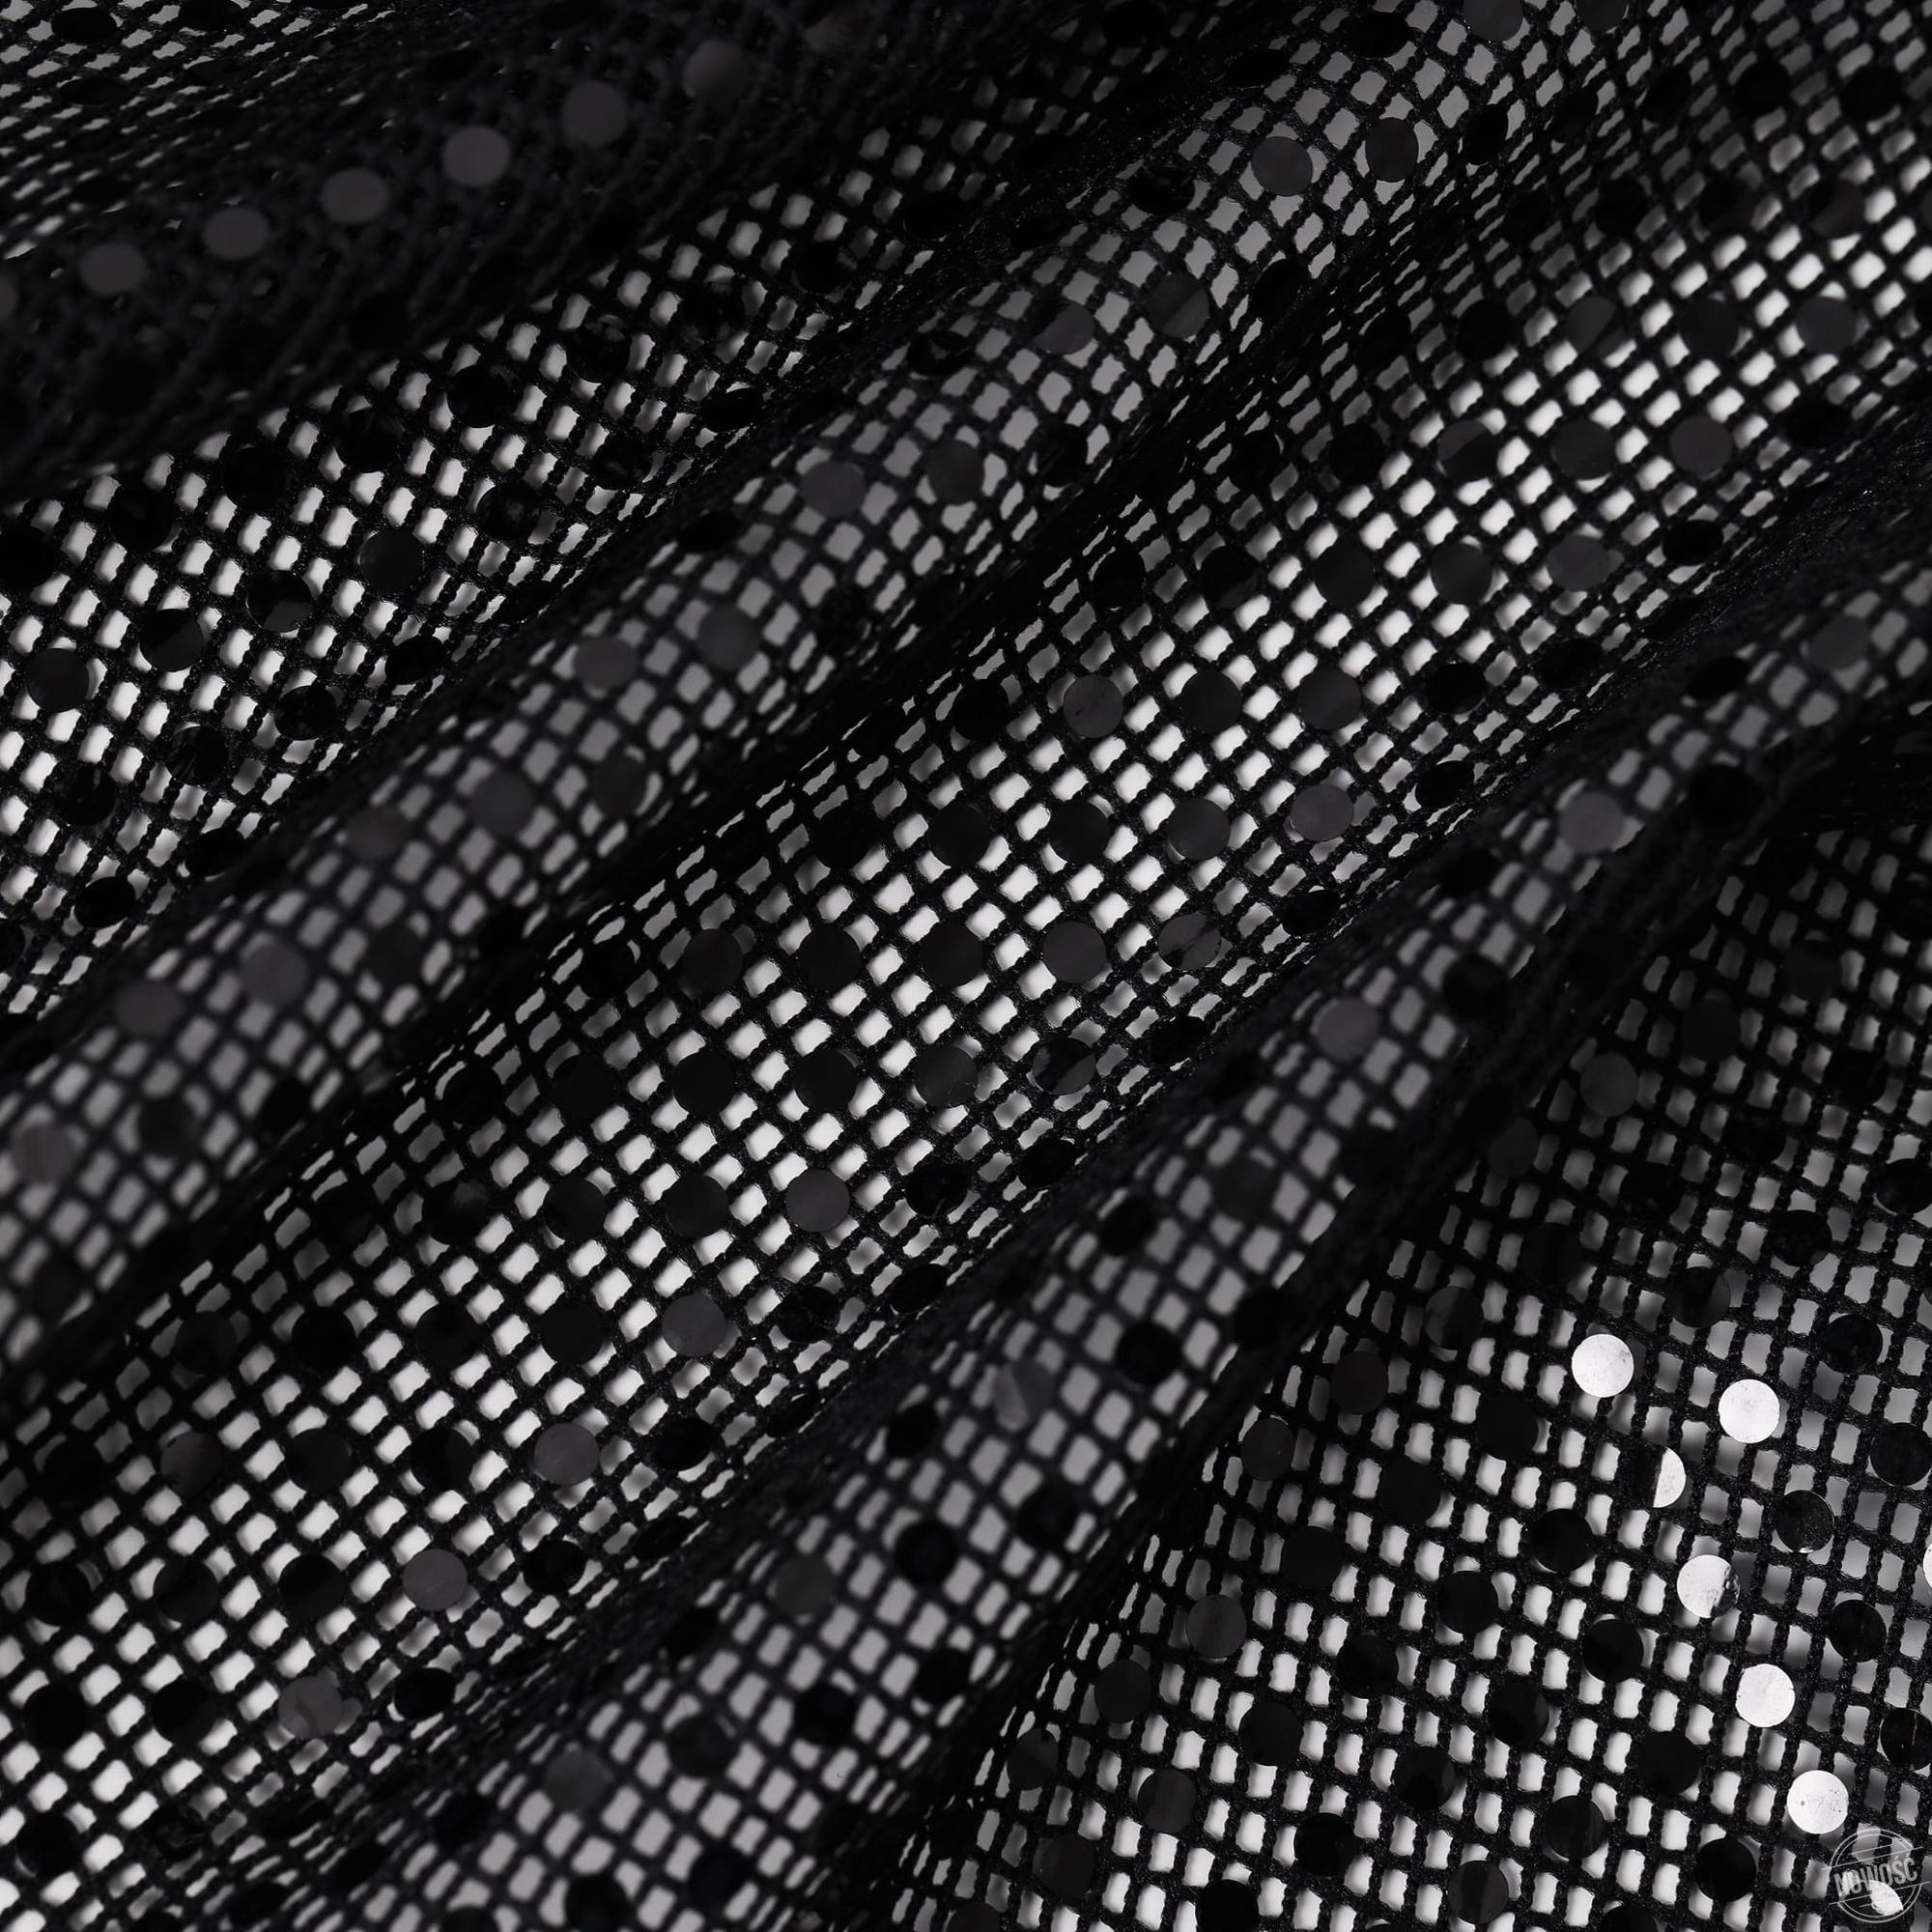 Swobodna bluzka o uniwersalnym i klasycznym kroju z szerokimi, delikatnie rozszerzającymi się ku dołowi rękawami. Bluzka wykonana z czarnej siatki zdobionej cekinami w tym samym kolorze. Dekolt starannie wykończony satynową lamówką. kolor: czarny skład: 100% poliester wymiary w cm ONESIZE obwód w biuście 104 długość całkowita 59 wewn. dł. rękawa 54 pielęgnacja